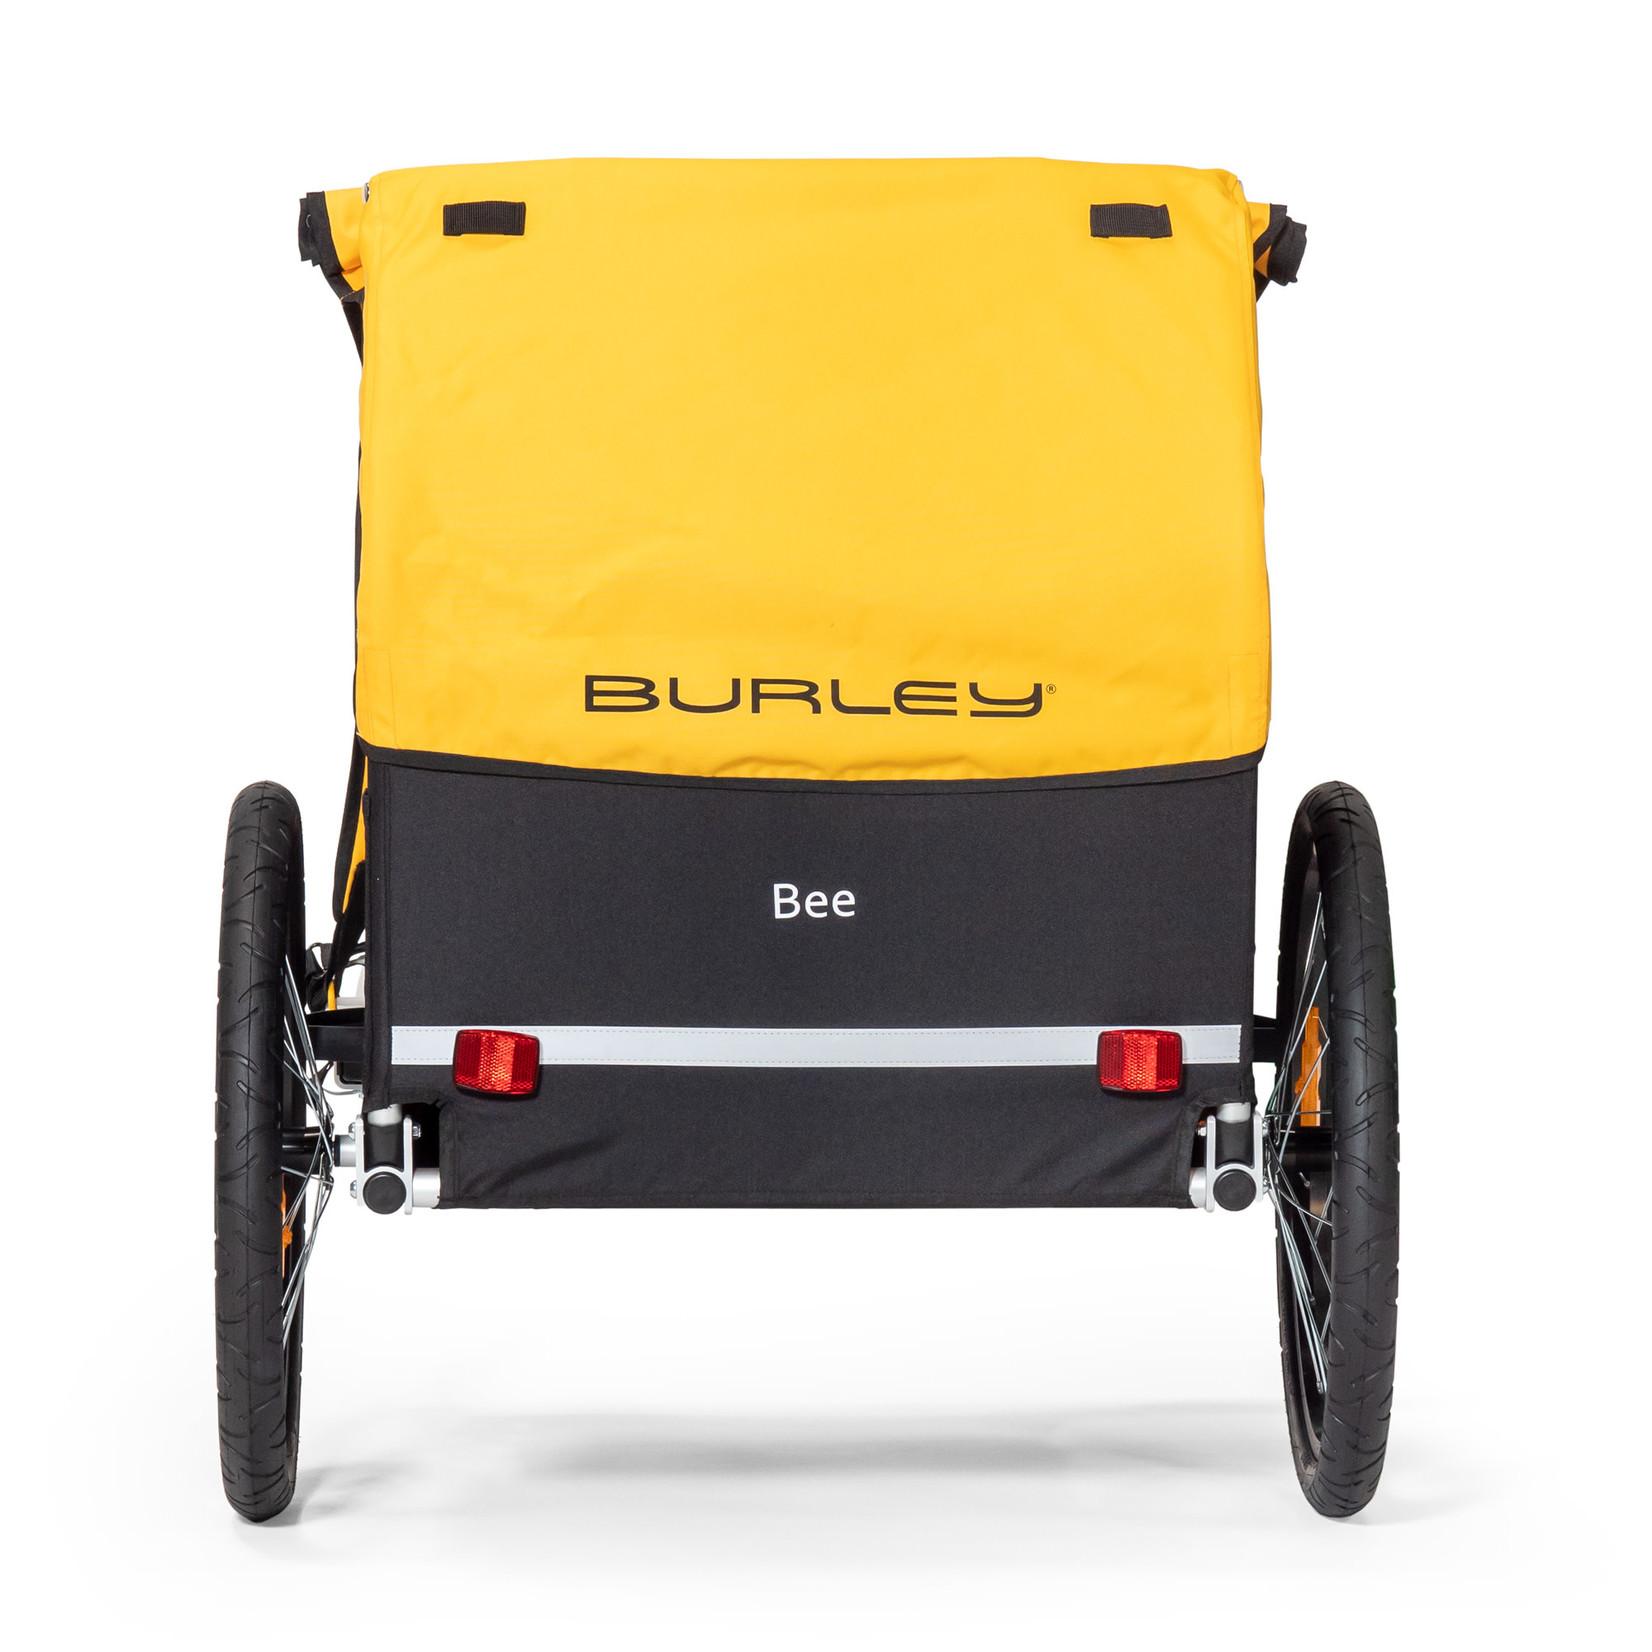 Burley Burley Bee Trailer, Double, Yellow